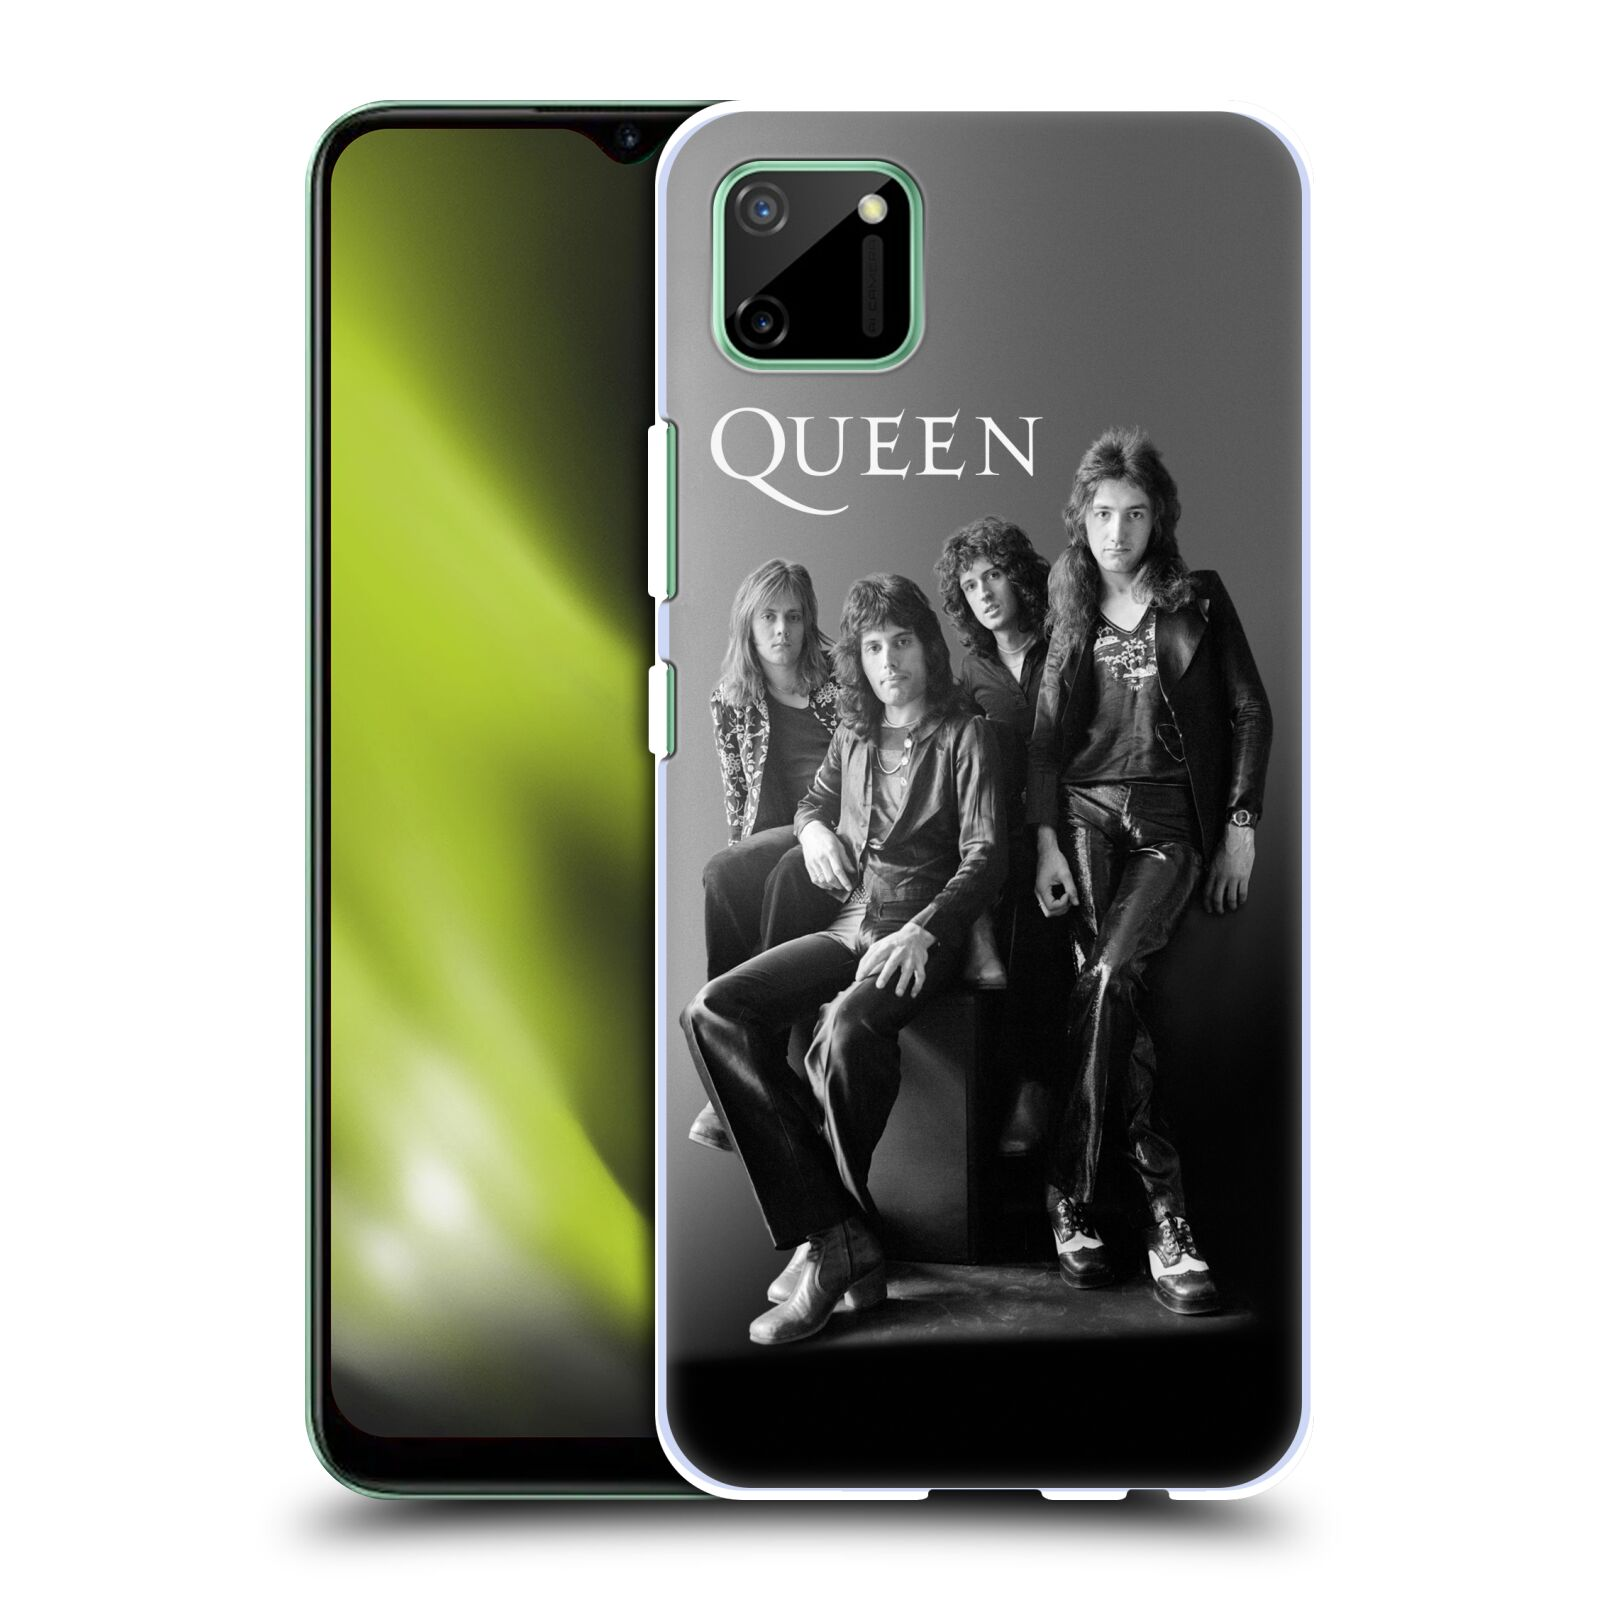 Plastové pouzdro na mobil Realme C11 - Head Case - Queen - Skupina